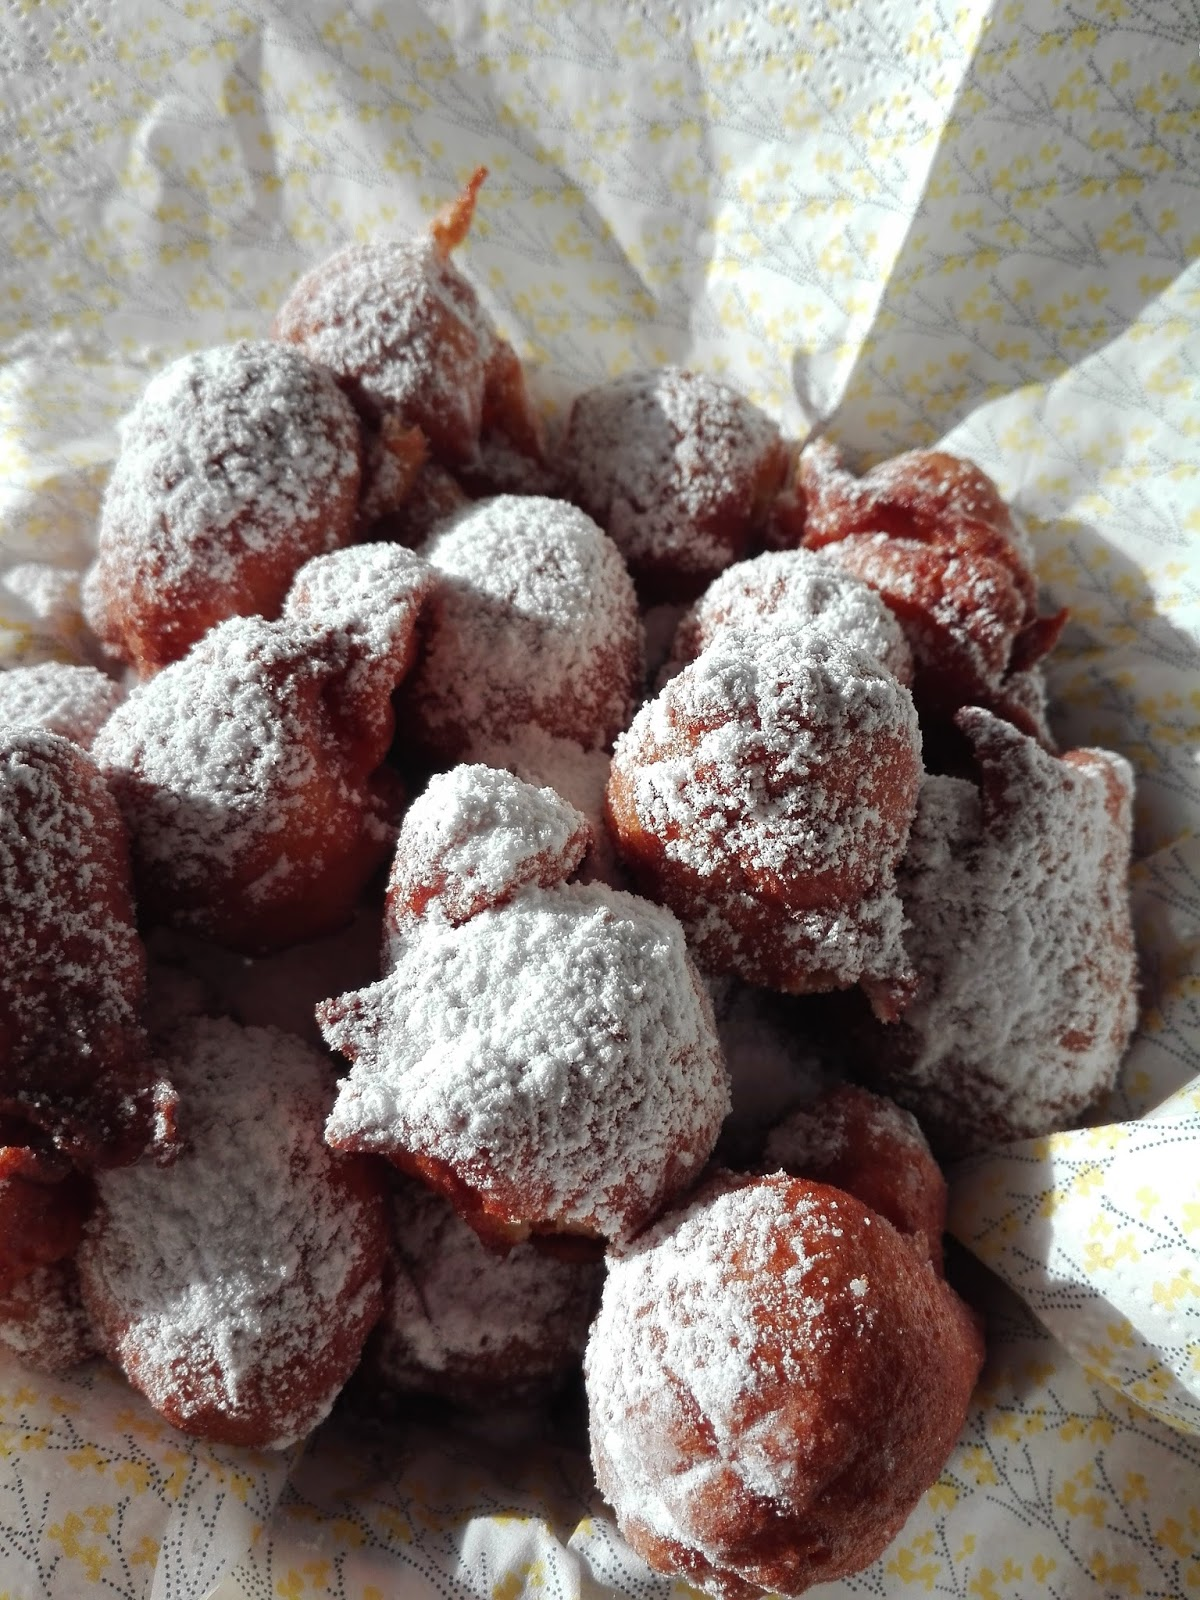 Recette Churros De Fete Foraine recette land : recette de croustillons pour une fête foraine